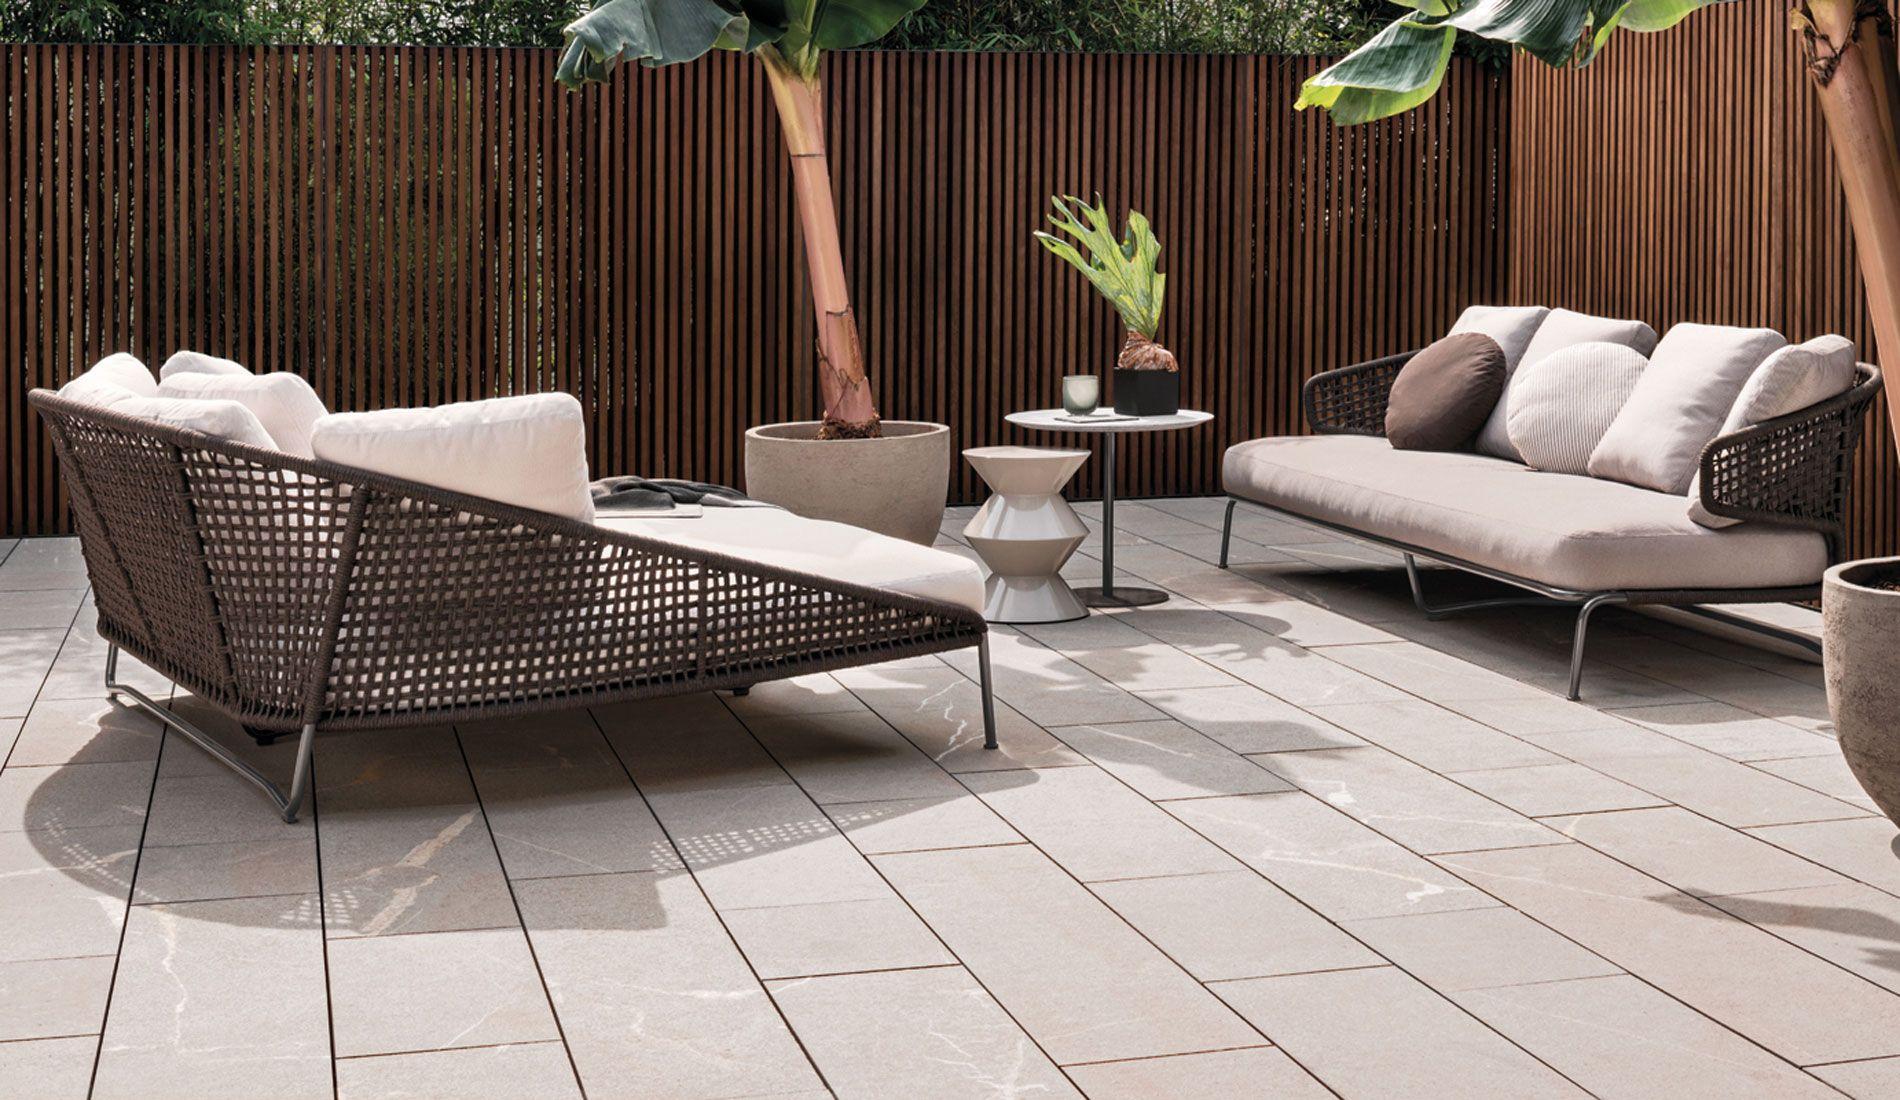 Minotti Aston Cord Outdoor Loveseat Lounge